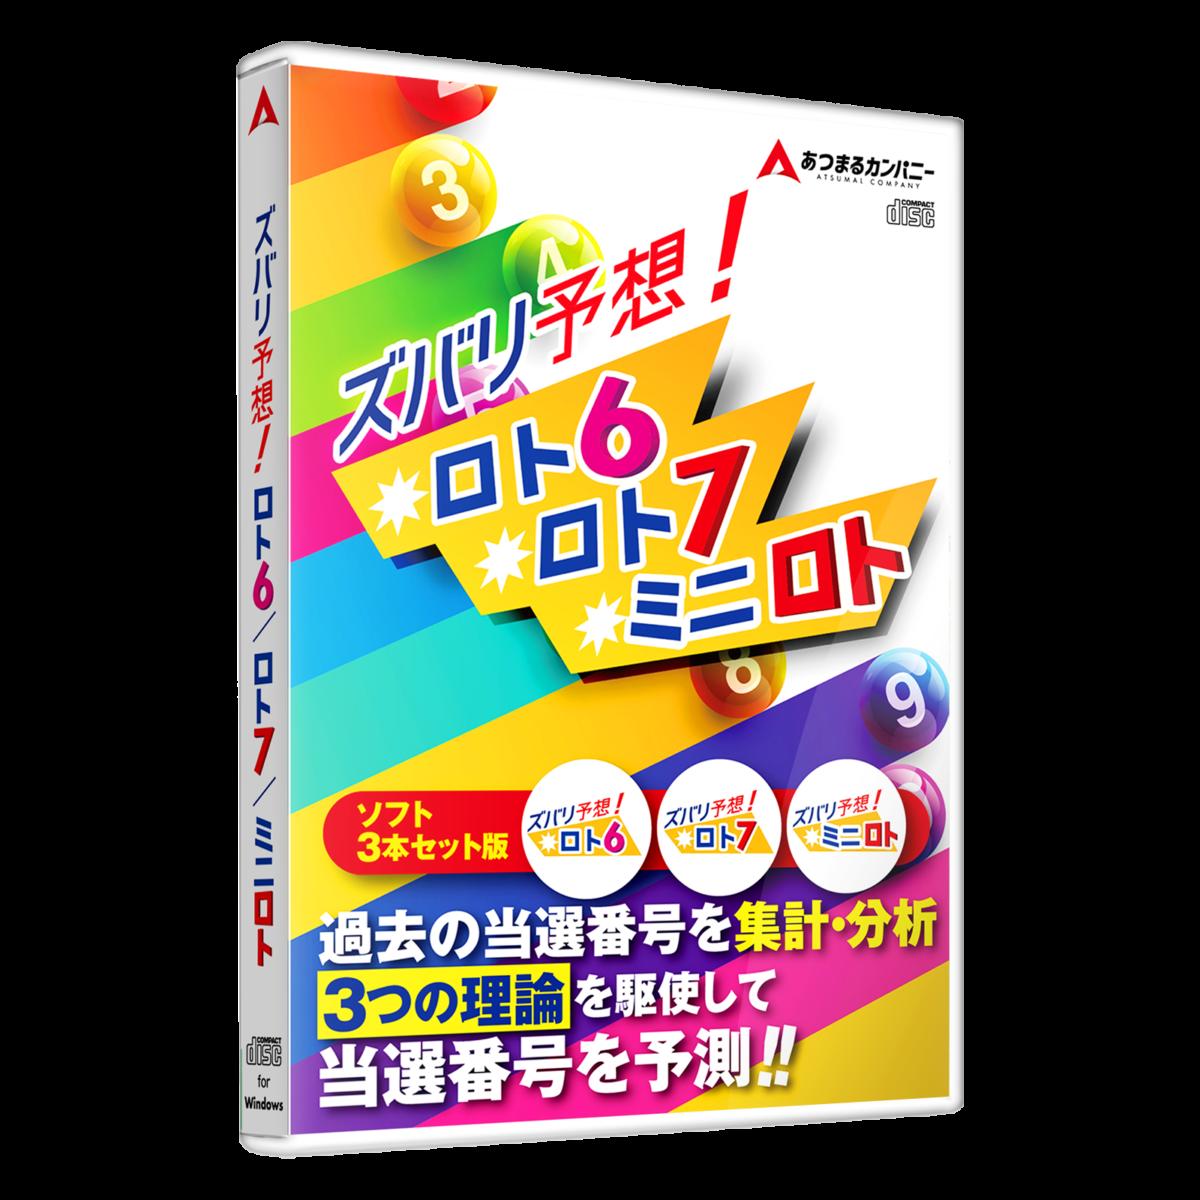 スバリ予想!ロト6/ロト7/ミニロト